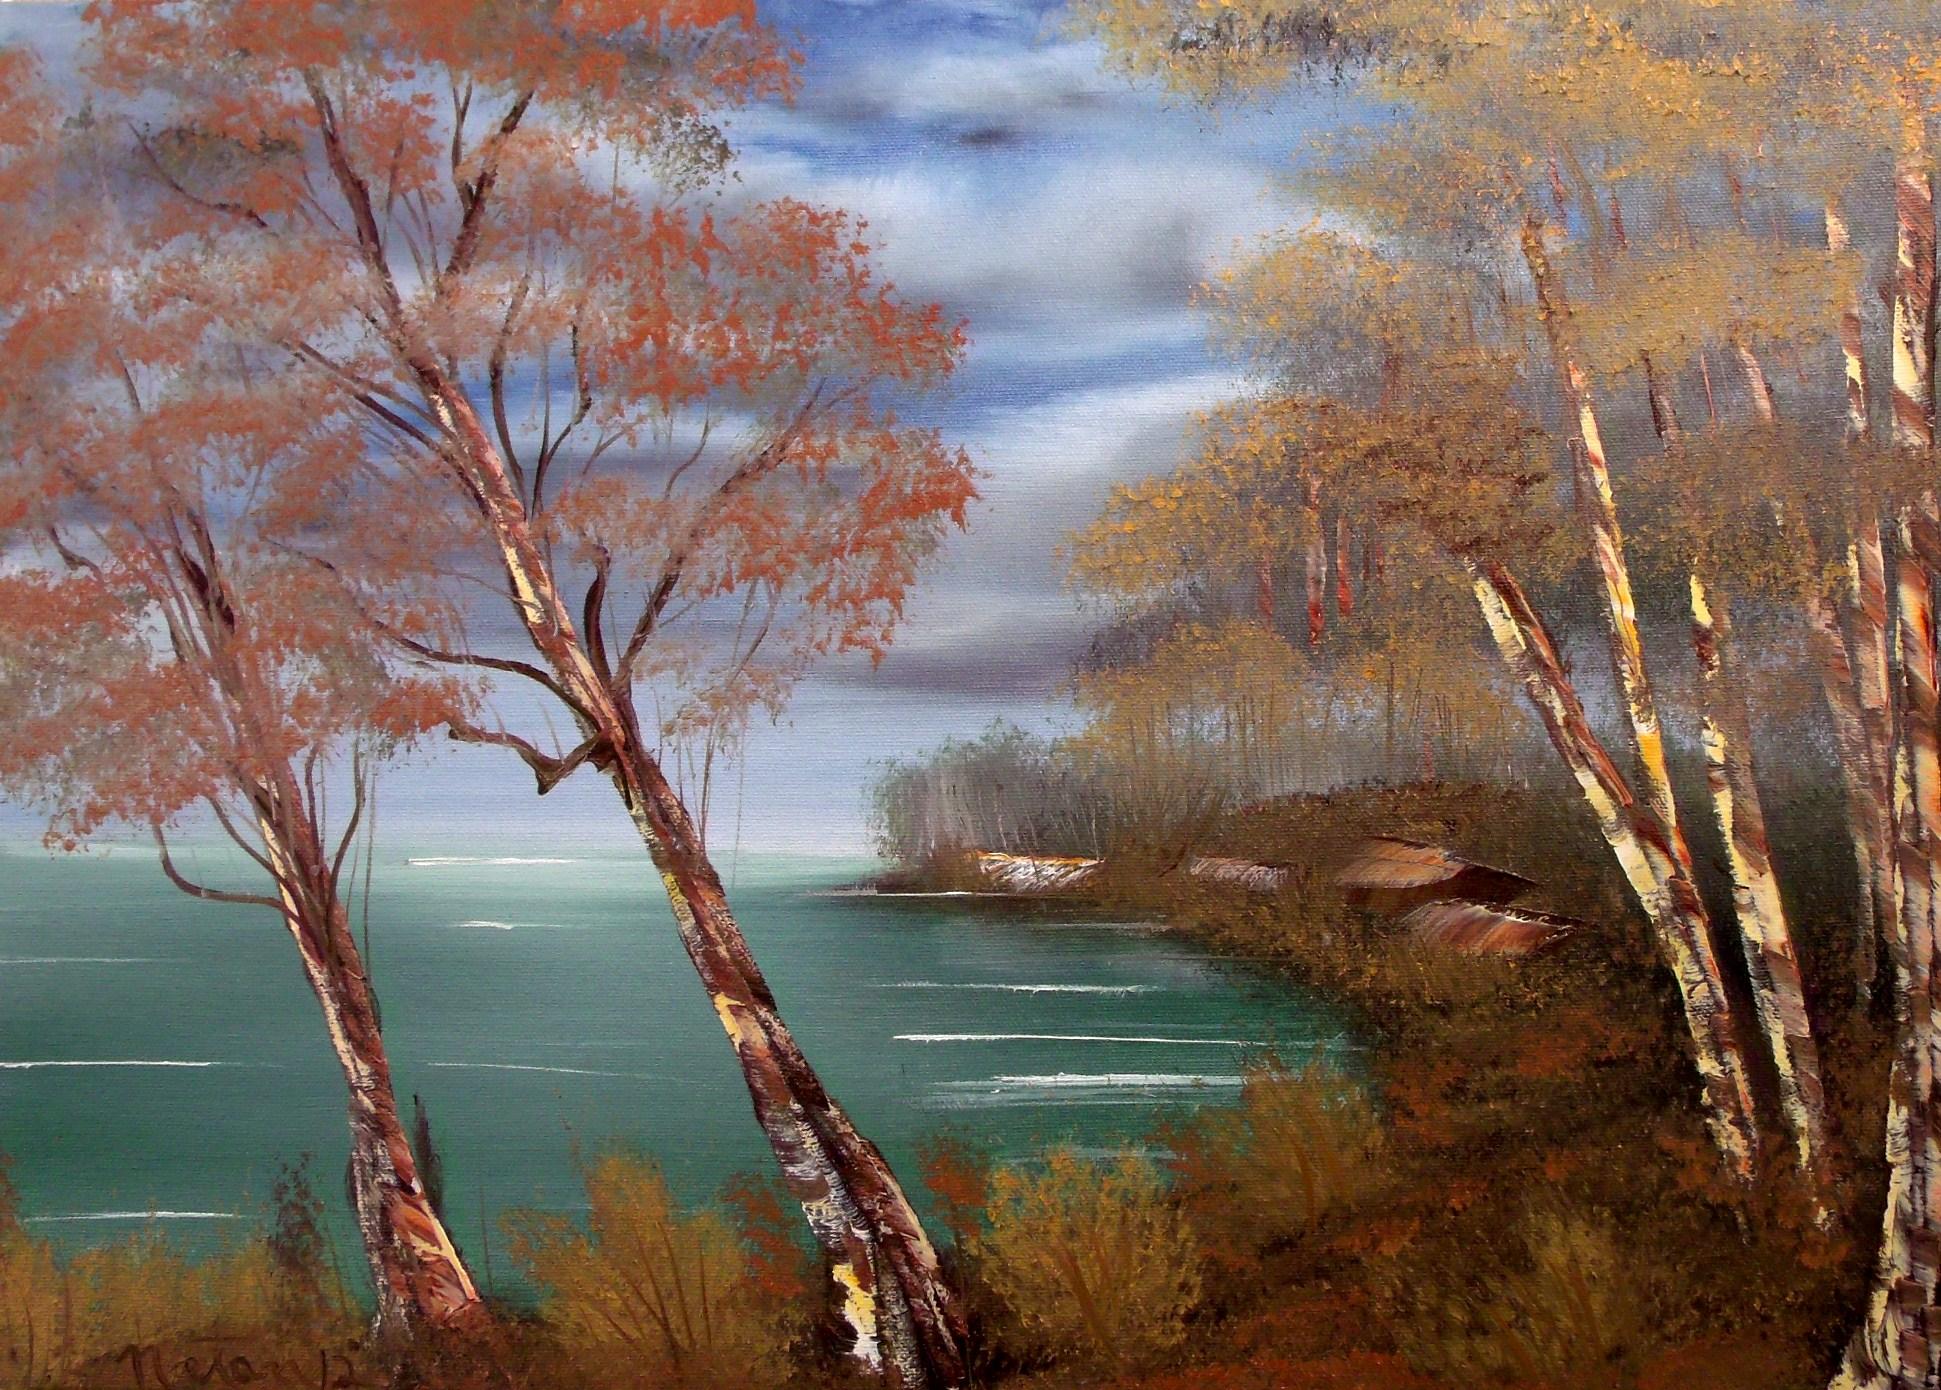 Autumn Landscape by Natan-Estivallet